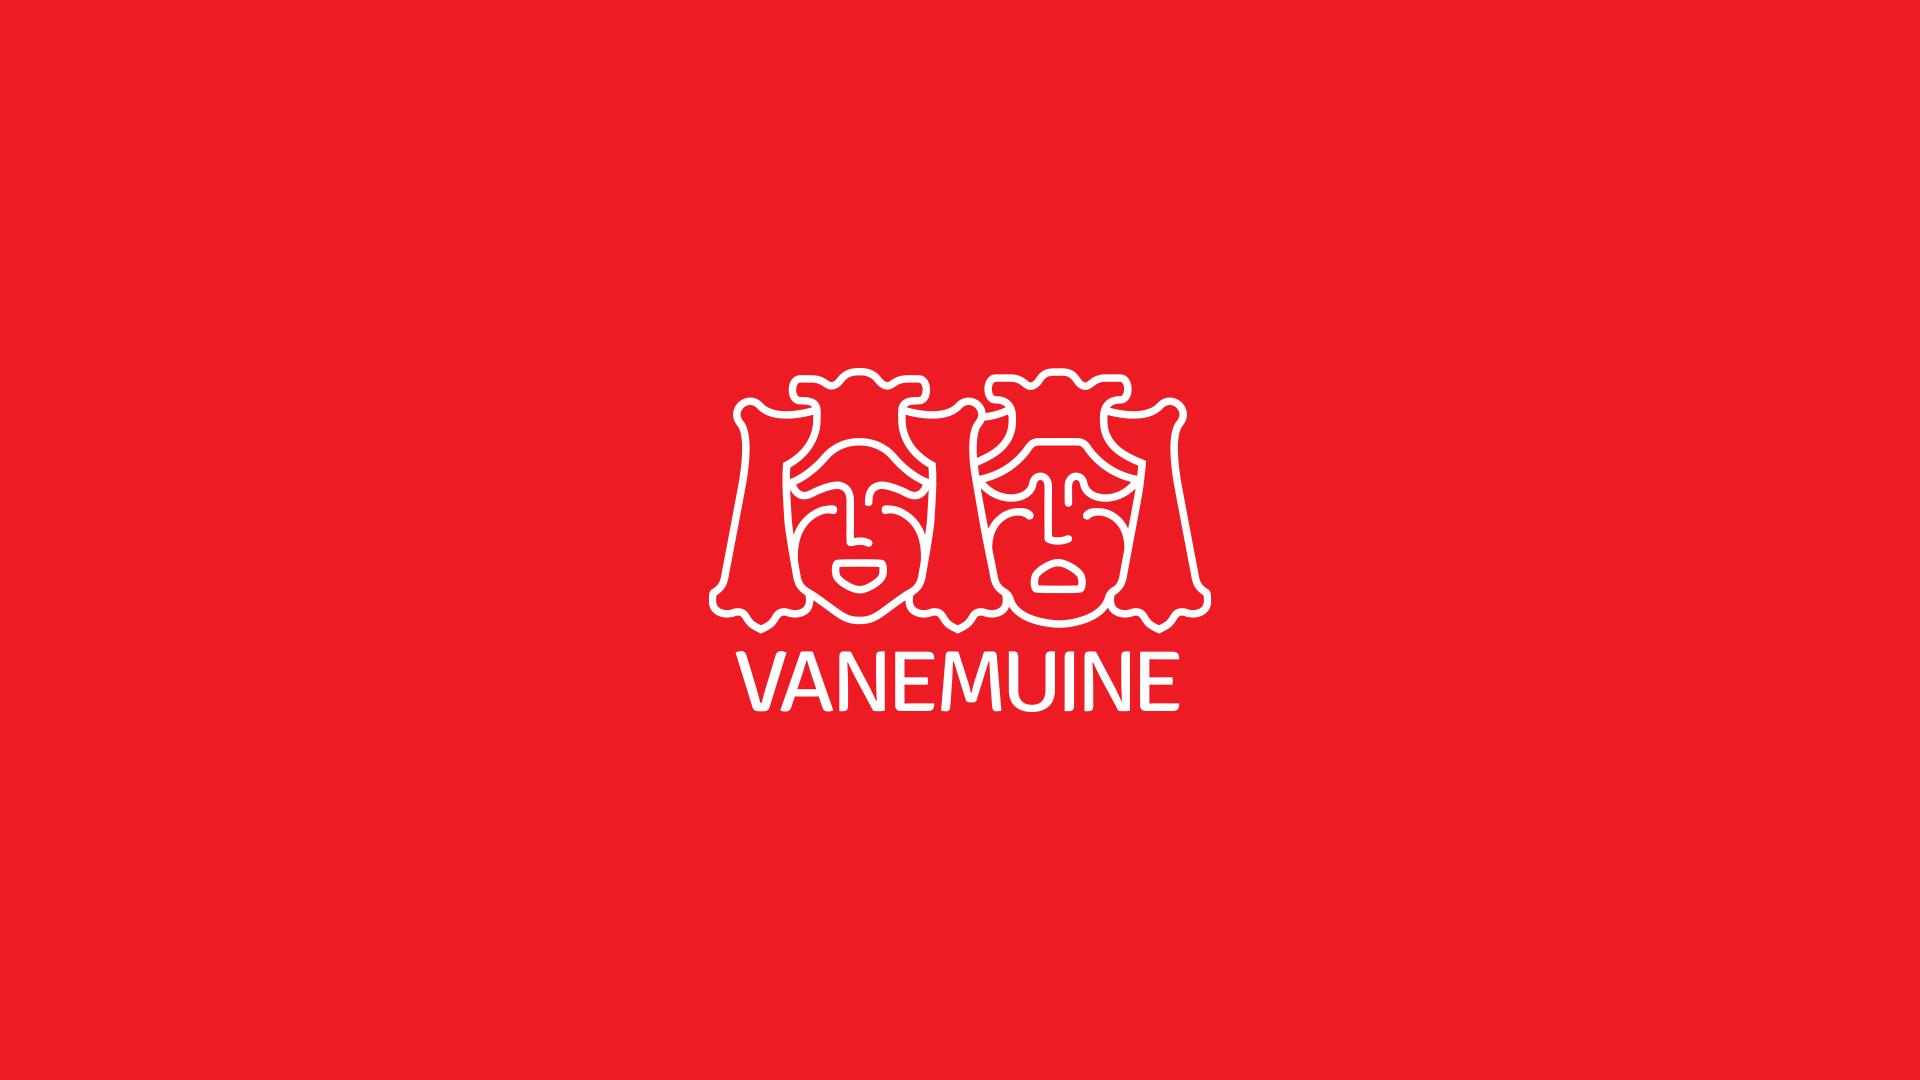 Vanemuine_1920x1080